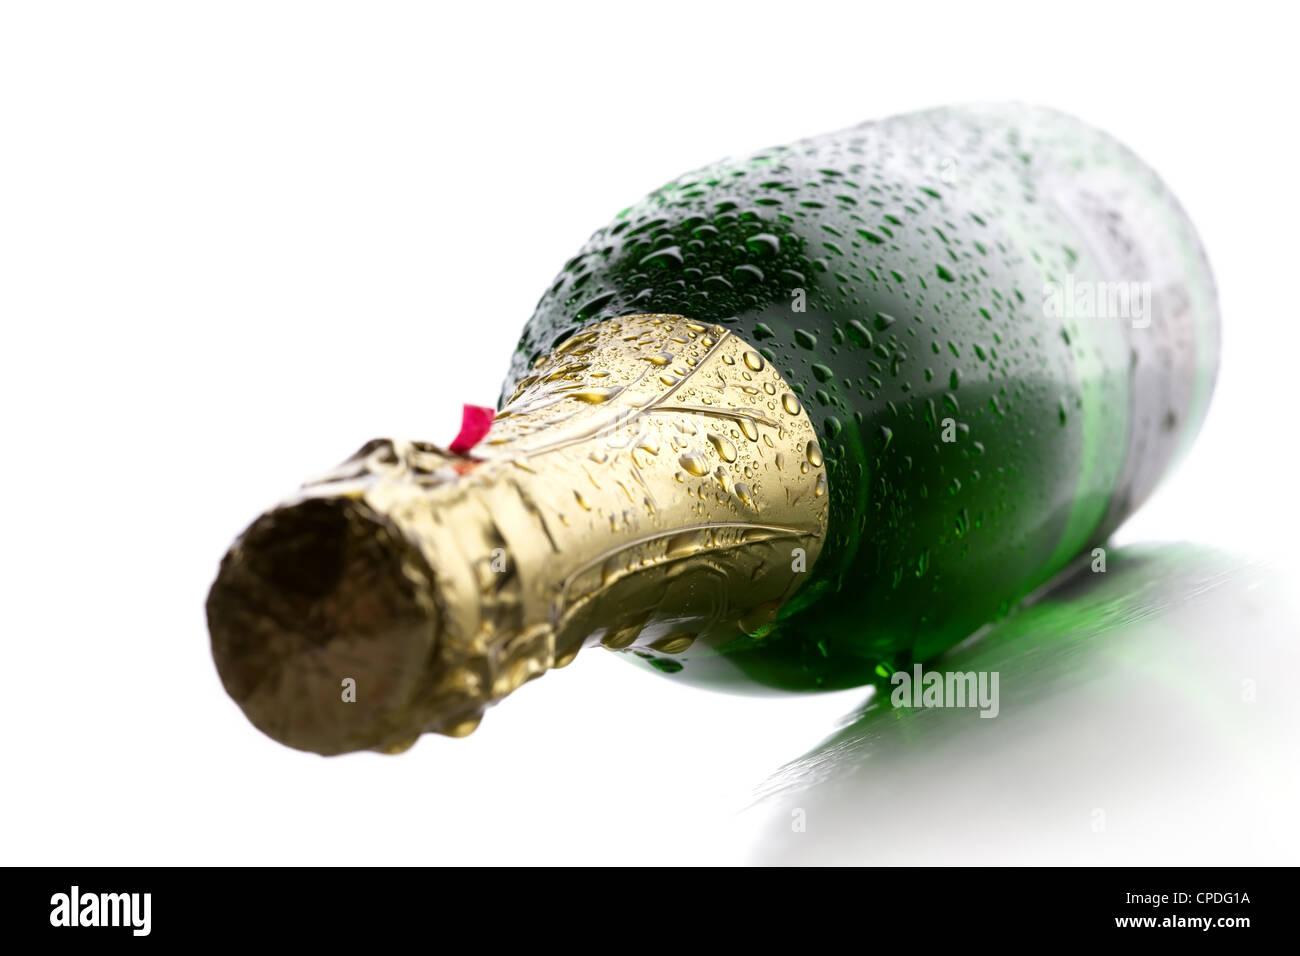 Bouteille de champagne humide froid vin sur fond blanc Photo Stock